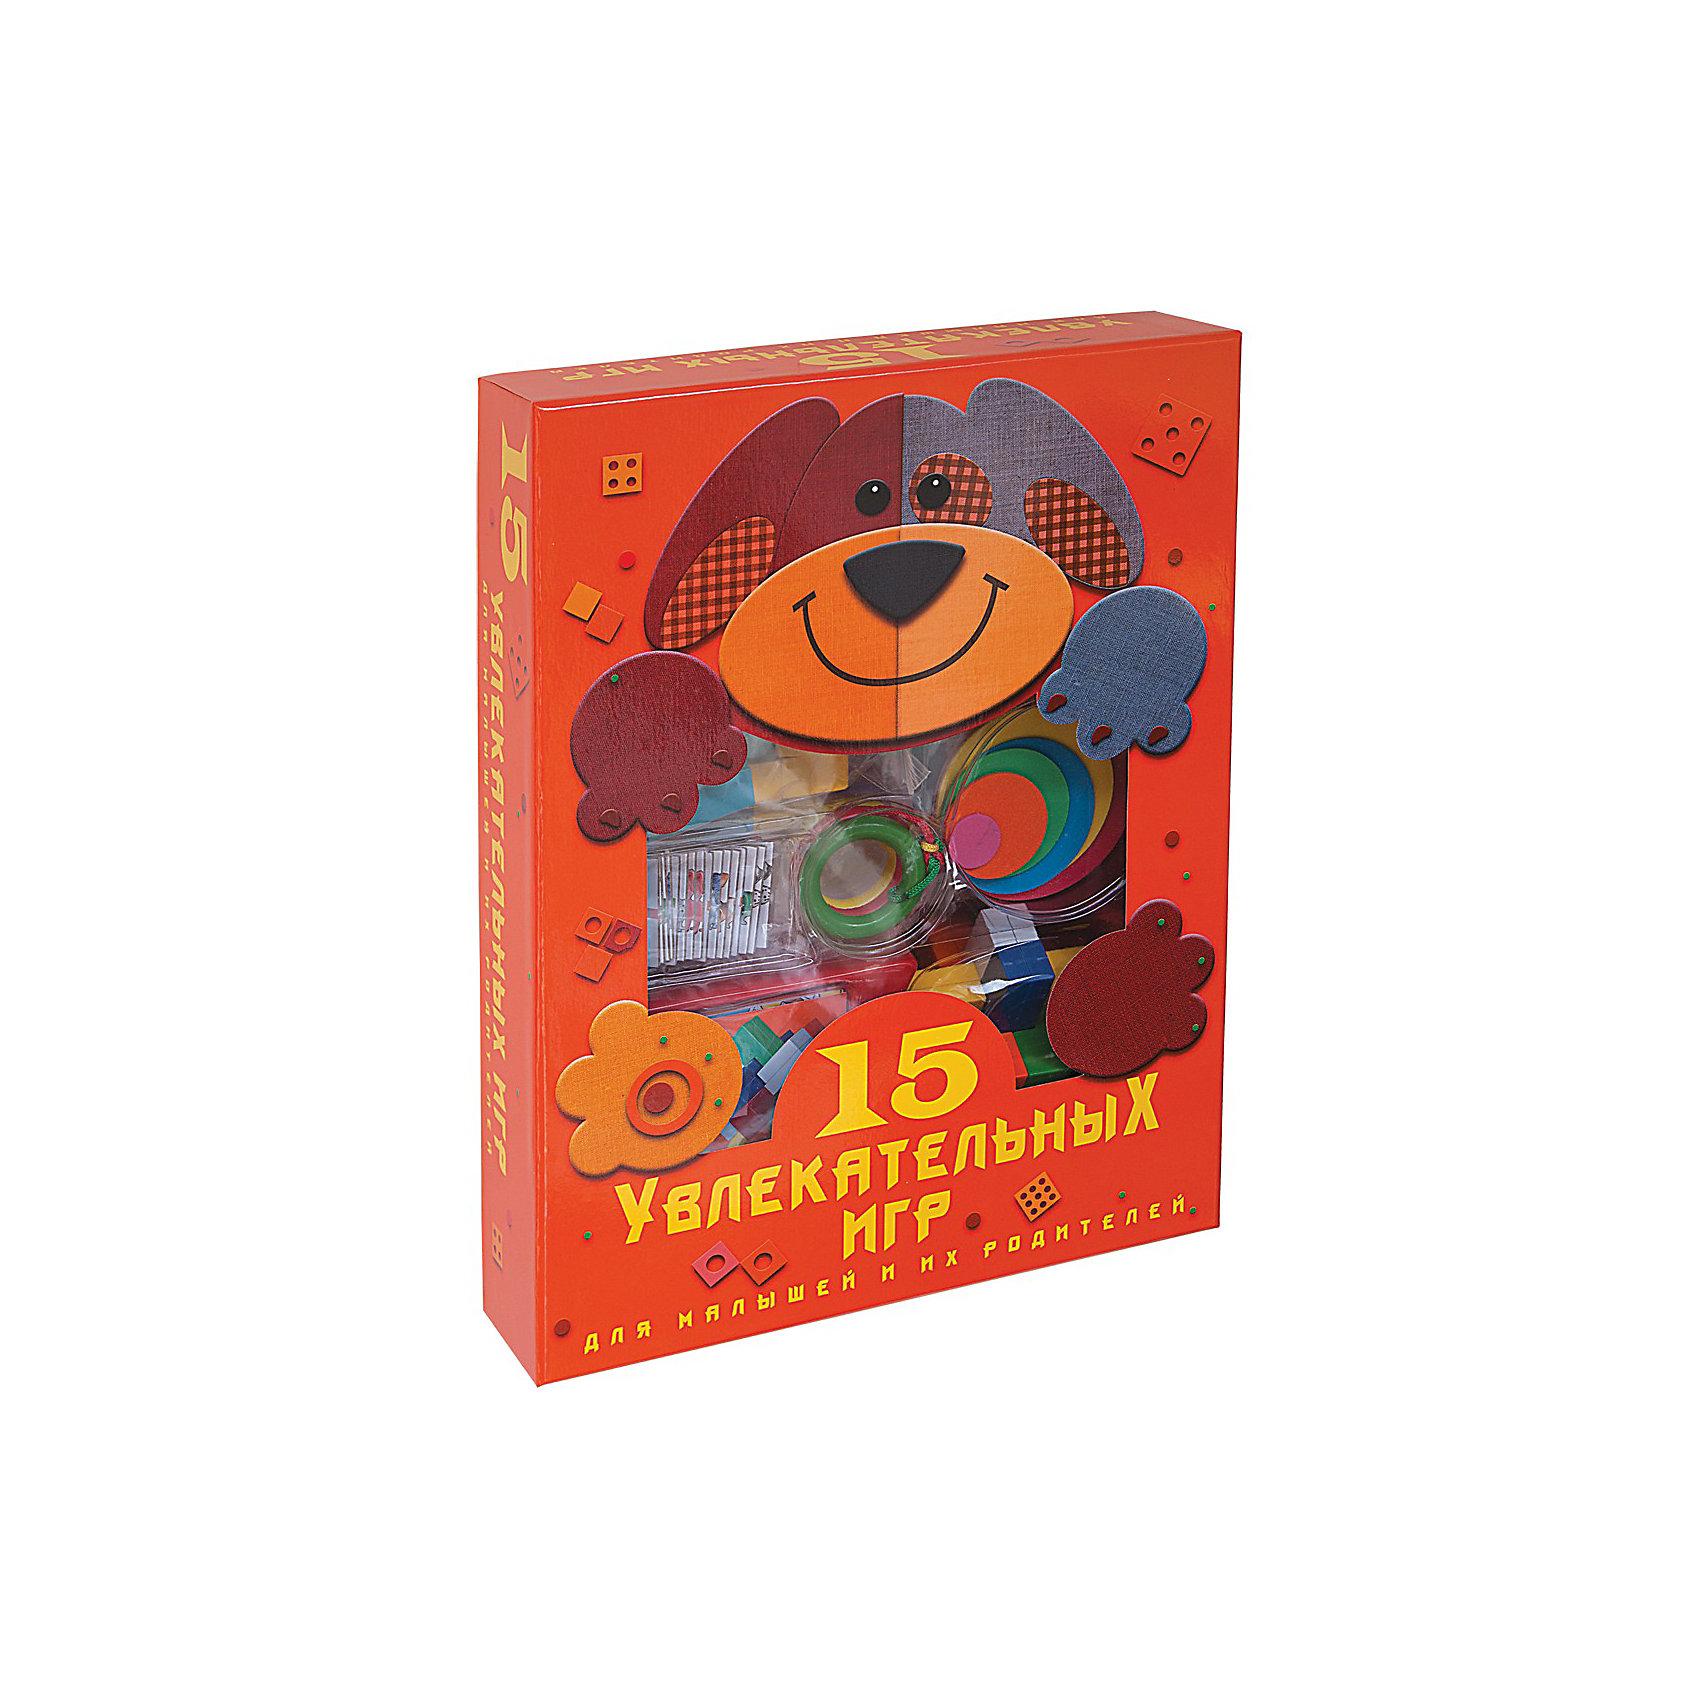 15 увлекательных игр для малышей и их родителейРазвивающие игры<br>Набор 15 увлекательных игр содержит различные игры для малышей и родителей. <br><br>В этом наборе есть игры на логику, интеллект, знание форм и многое другое. Подобные игры помогают развиваться ребёнку и приобретать различные навыки. <br><br>Дополнительная информация:<br><br>- В комплекте: книга-инструкция с цветными иллюстрациями, двустороннее игровое поле, 48 фишек, 16 карточек, 2 картонных кубика, резиновые кружочки, 8 деревянных фигурок, головоломки Крест и Кольца.<br>- Количество страниц: 64<br><br>Ширина мм: 350<br>Глубина мм: 65<br>Высота мм: 260<br>Вес г: 700<br>Возраст от месяцев: 60<br>Возраст до месяцев: 120<br>Пол: Унисекс<br>Возраст: Детский<br>SKU: 2559263